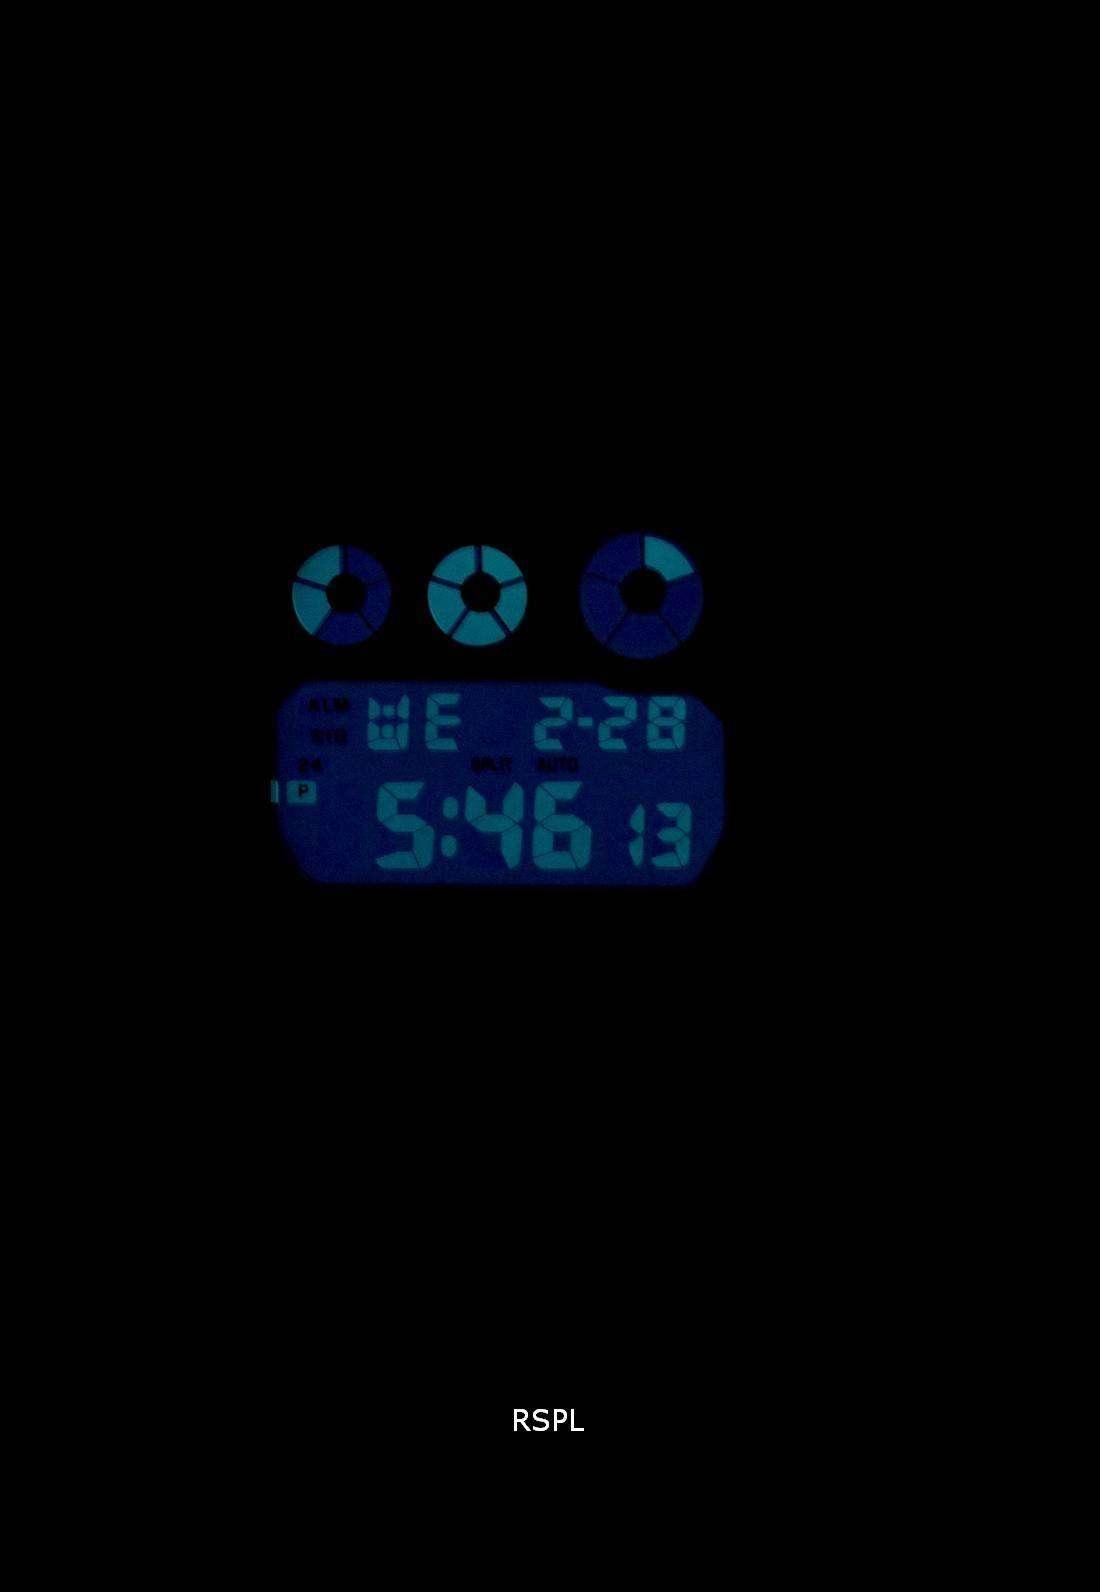 Casio G-Shock DW-6900NB-7DR DW6900NB-7 Mens Watch